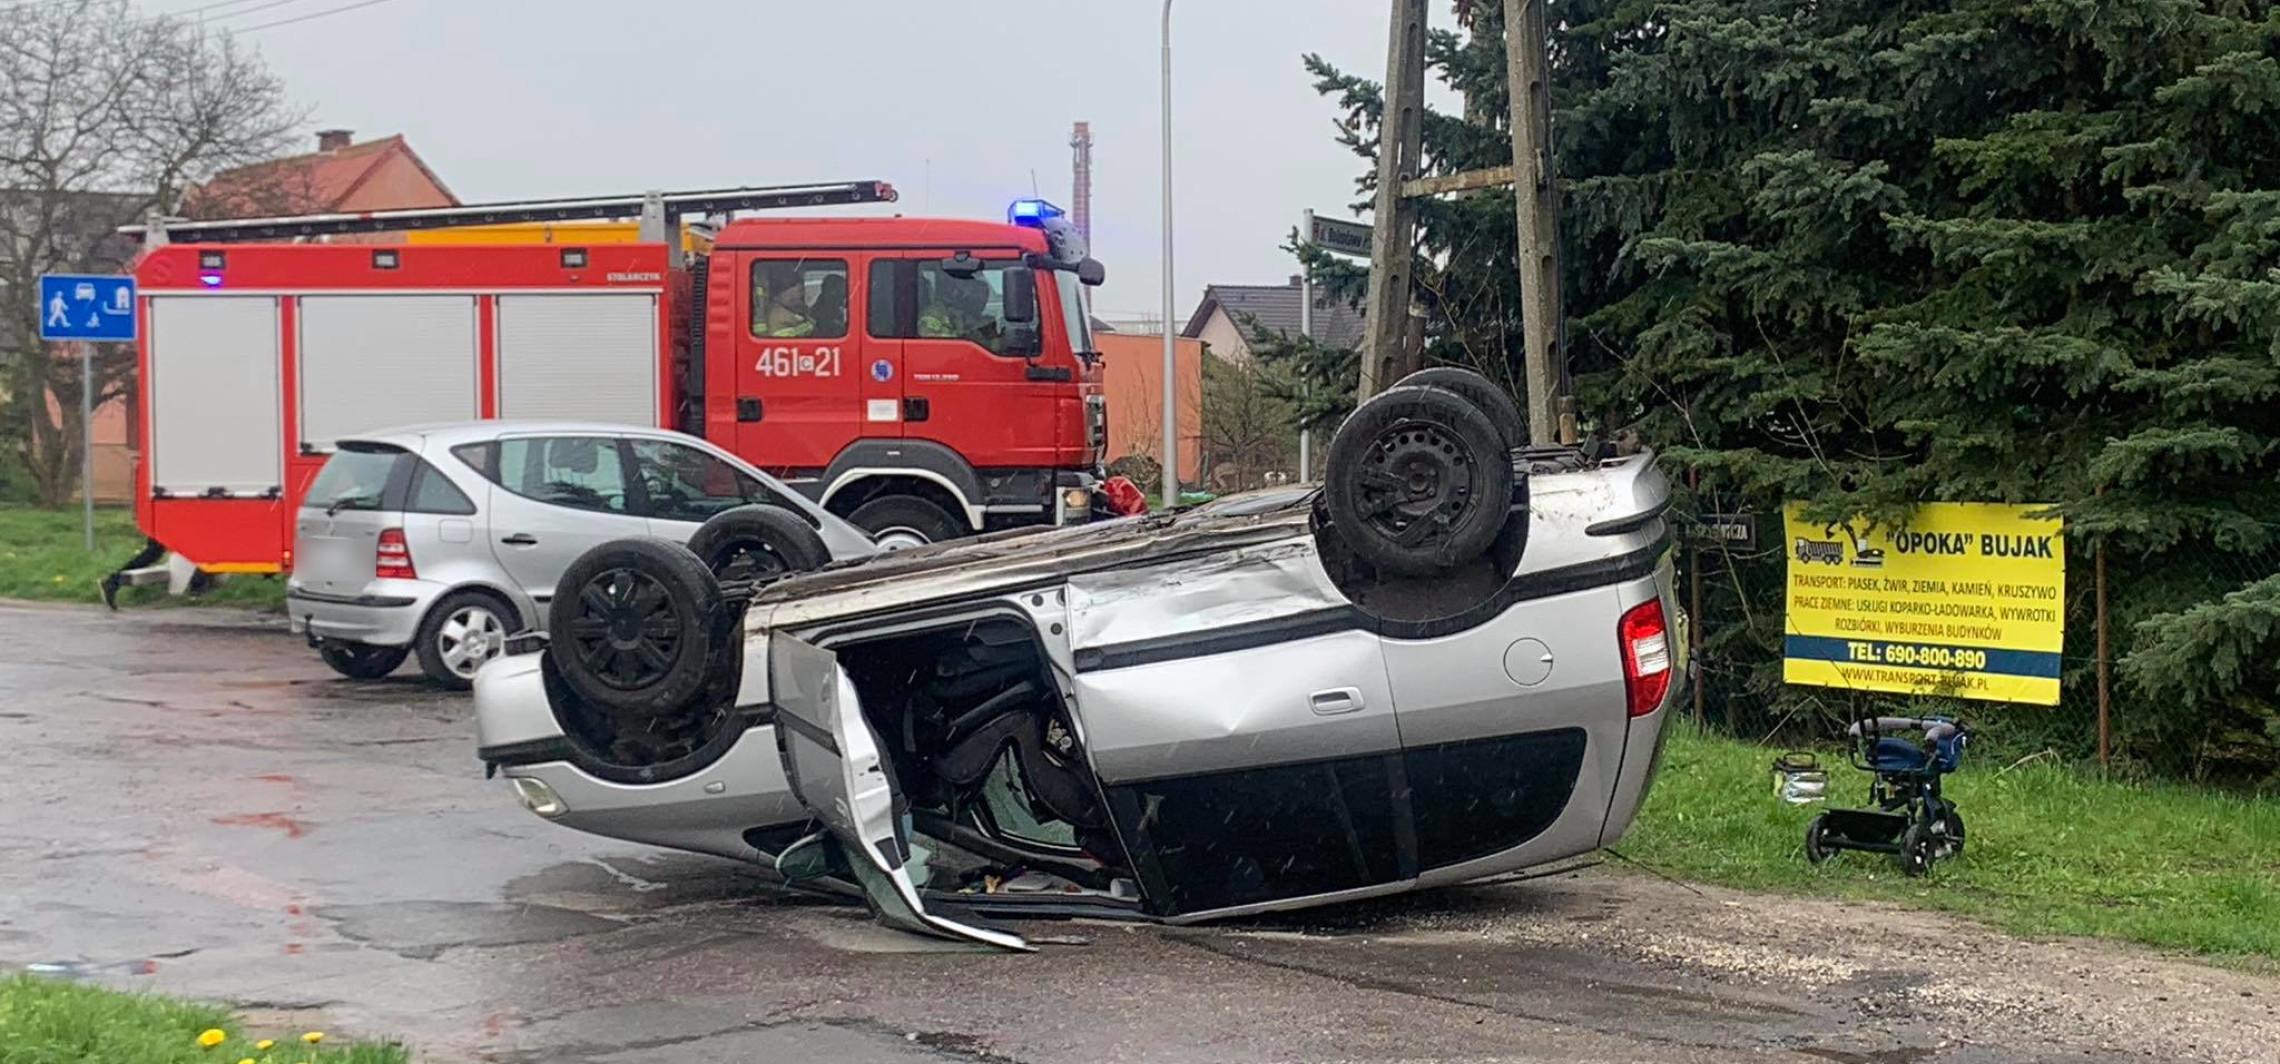 Janikowo - Dachowanie auta w Janikowie (aktualizacja)